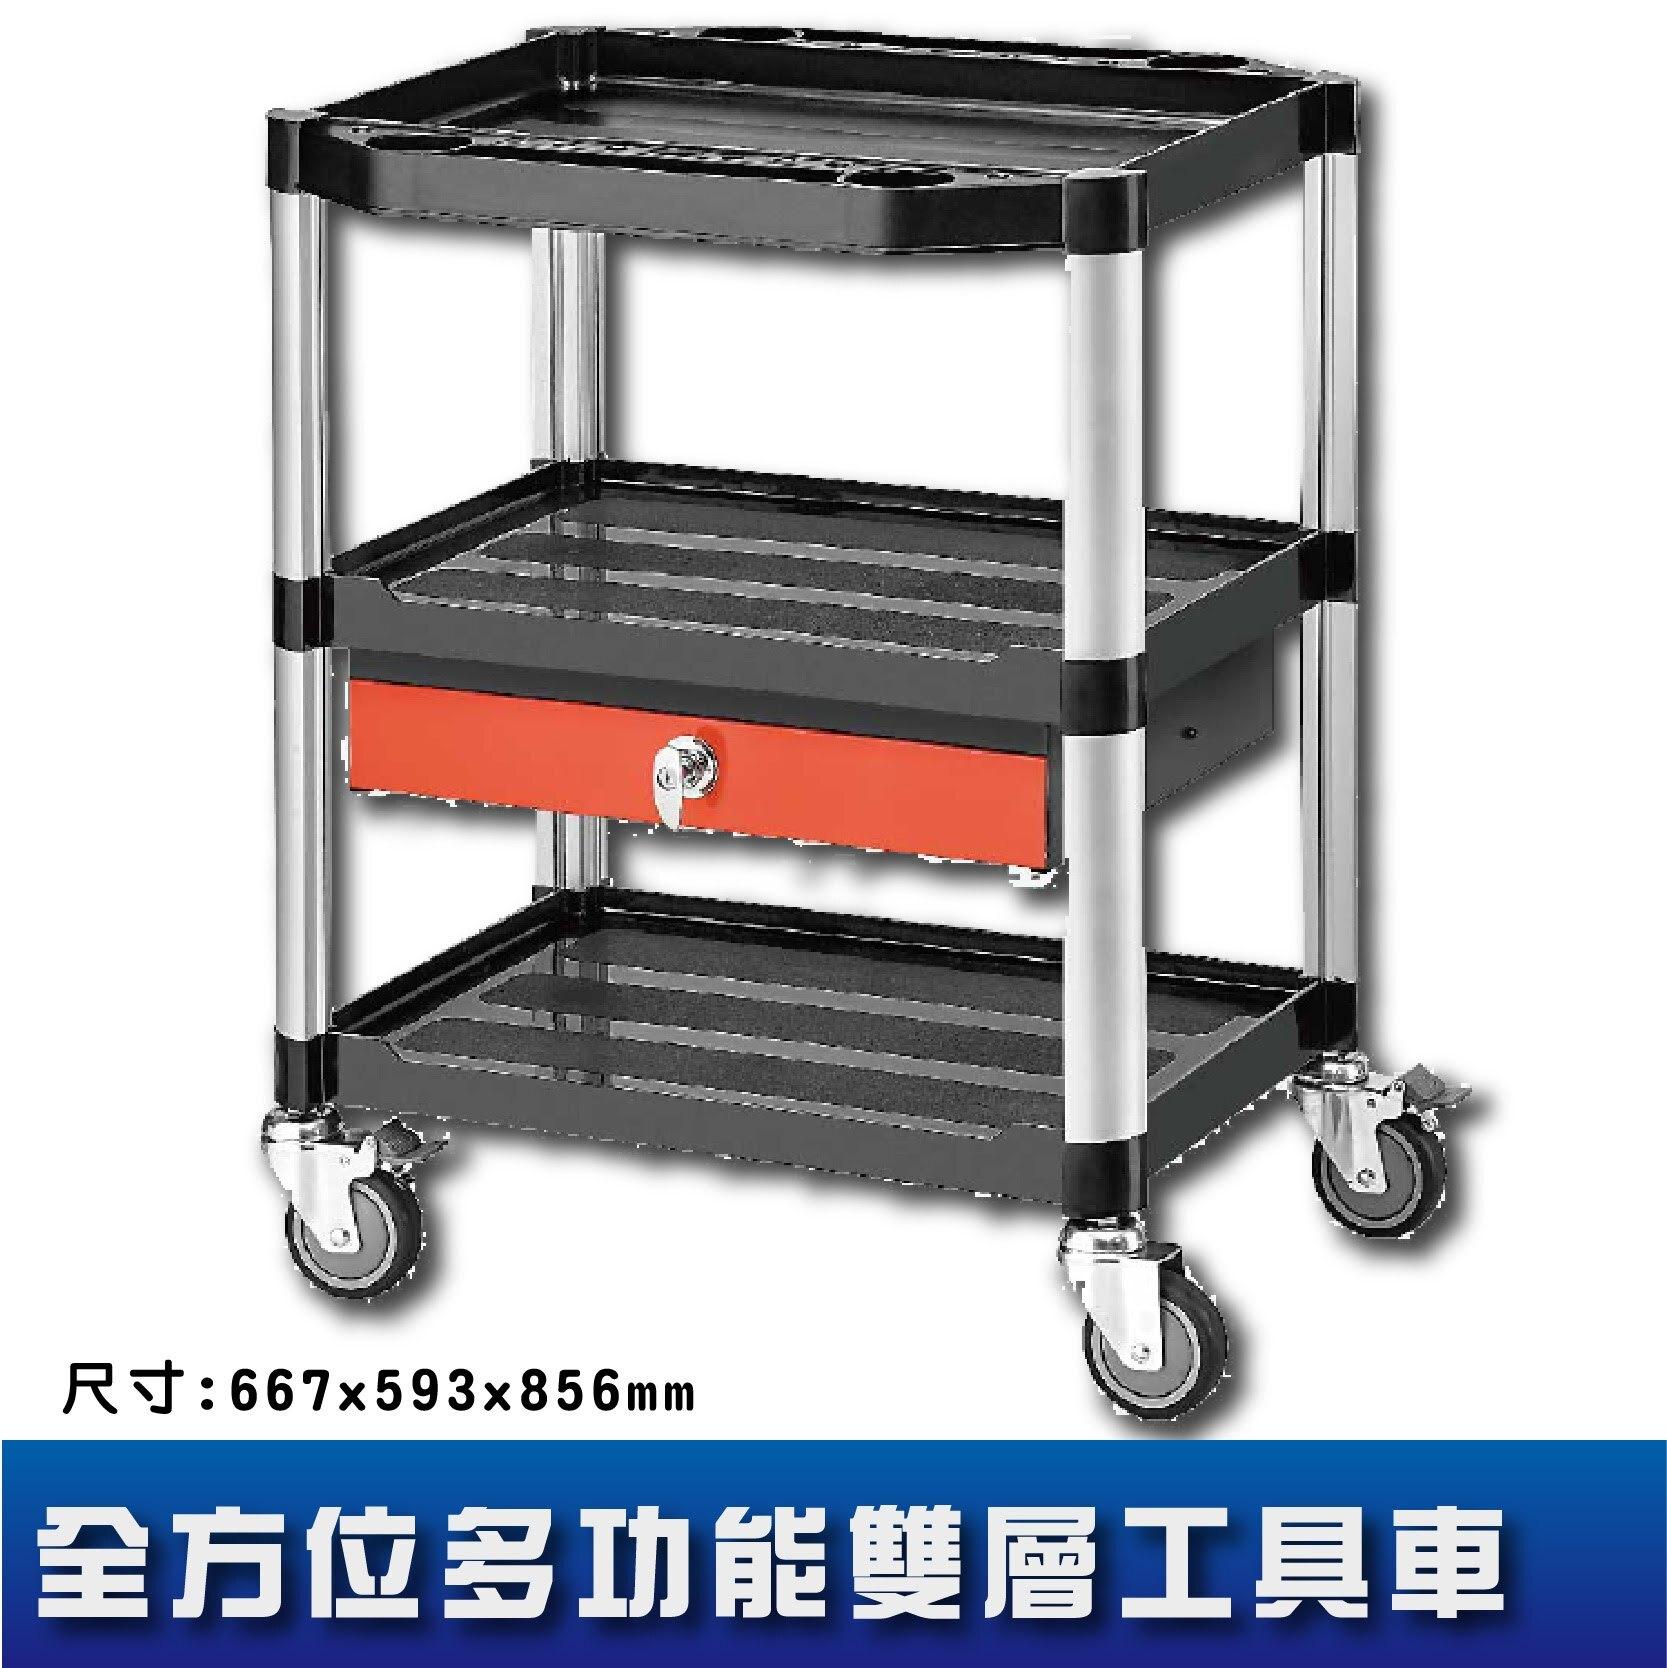 多種選擇〞KT808FA4 全方位多功能三層工具車 手推車 工作車 置物車 分層車 餐車 清潔車 房務車 服務車